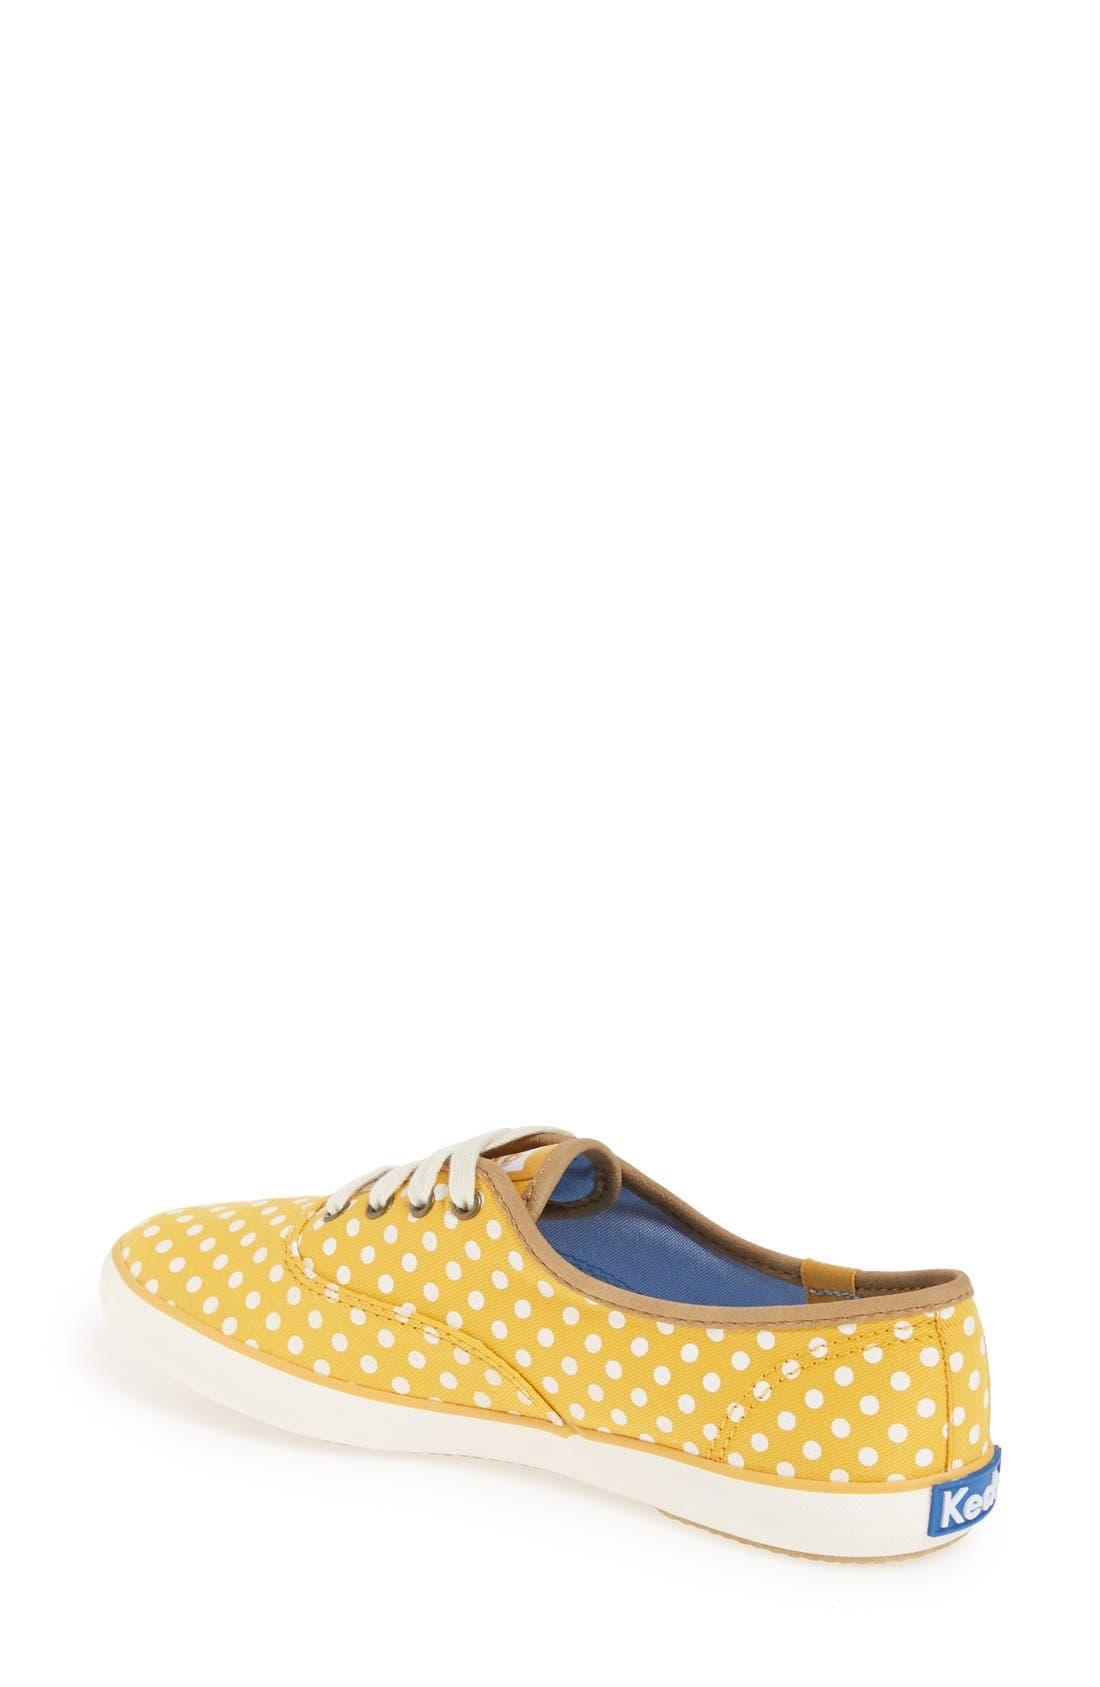 Alternate Image 2  - Keds® 'Champion - Dot' Sneaker (Women)